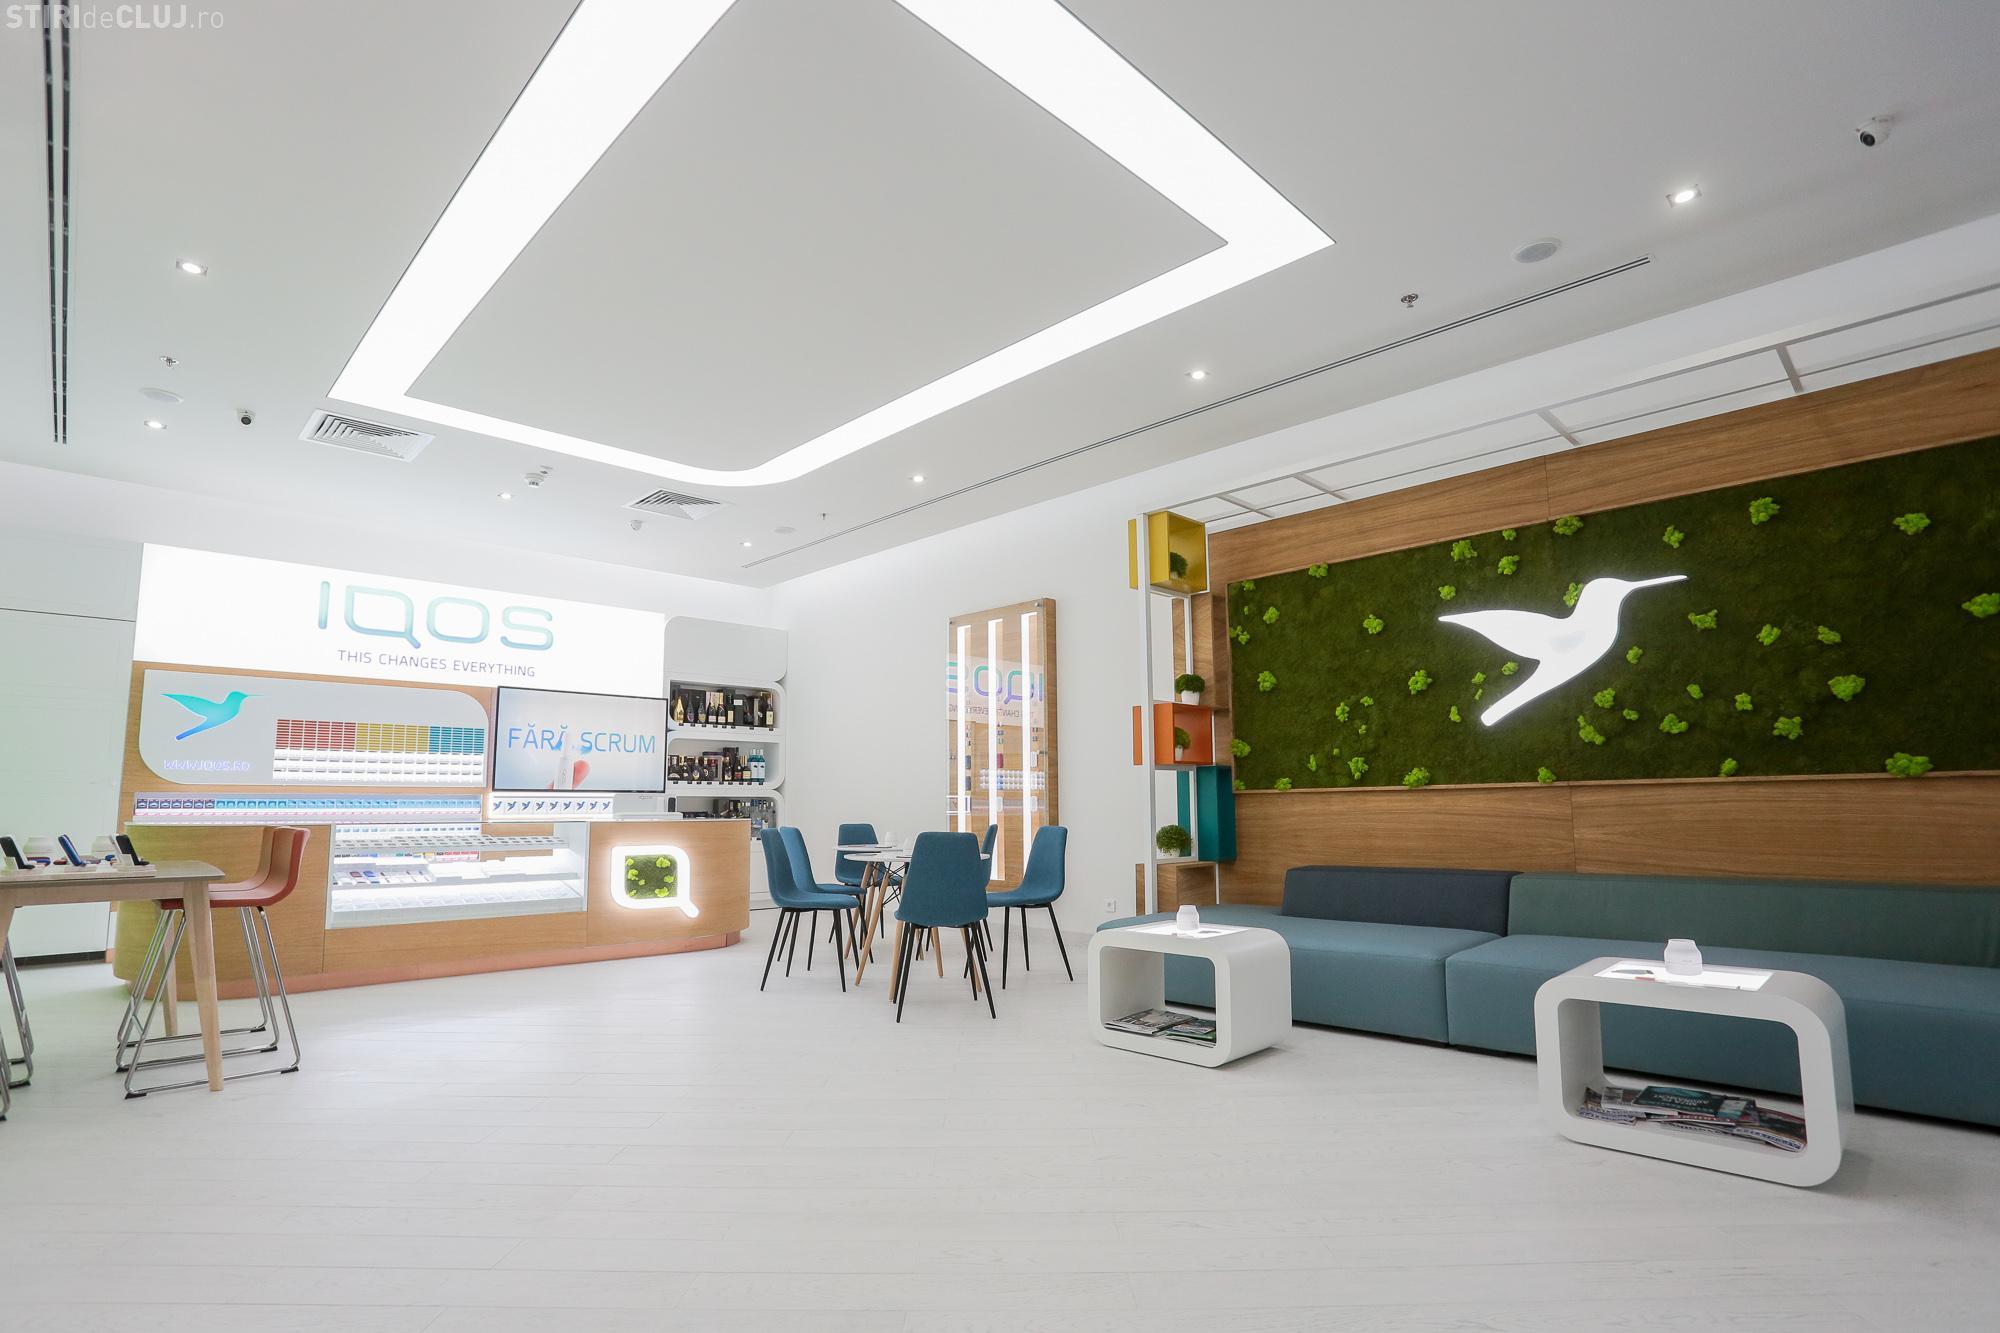 Philip Morris a deschis la Cluj primul IQOS Store din România. Vezi cum arată și unde se găsește (P)